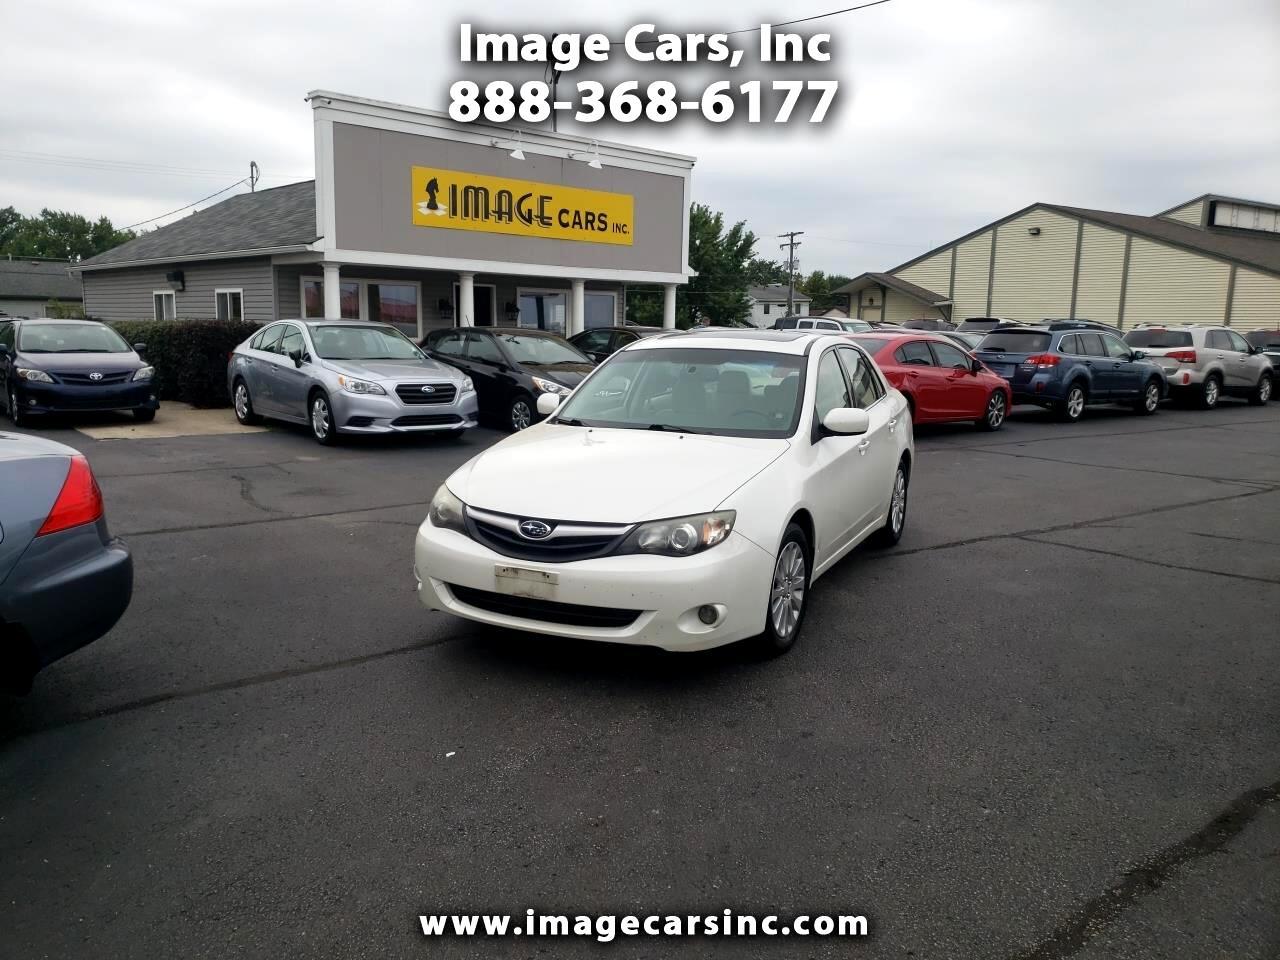 2010 Subaru Impreza 2.0i Premium 5-Door